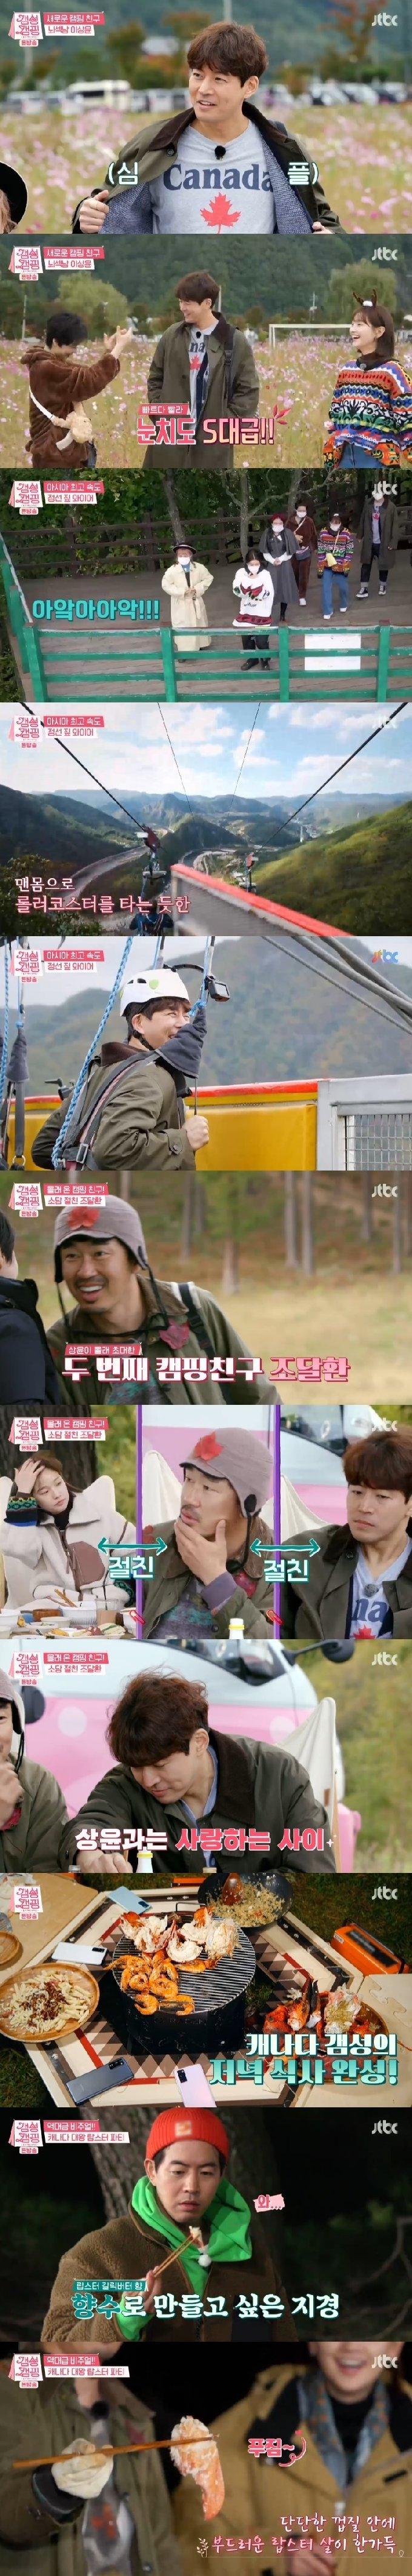 JTBC '갬성캠핑' 캡처 © 뉴스1